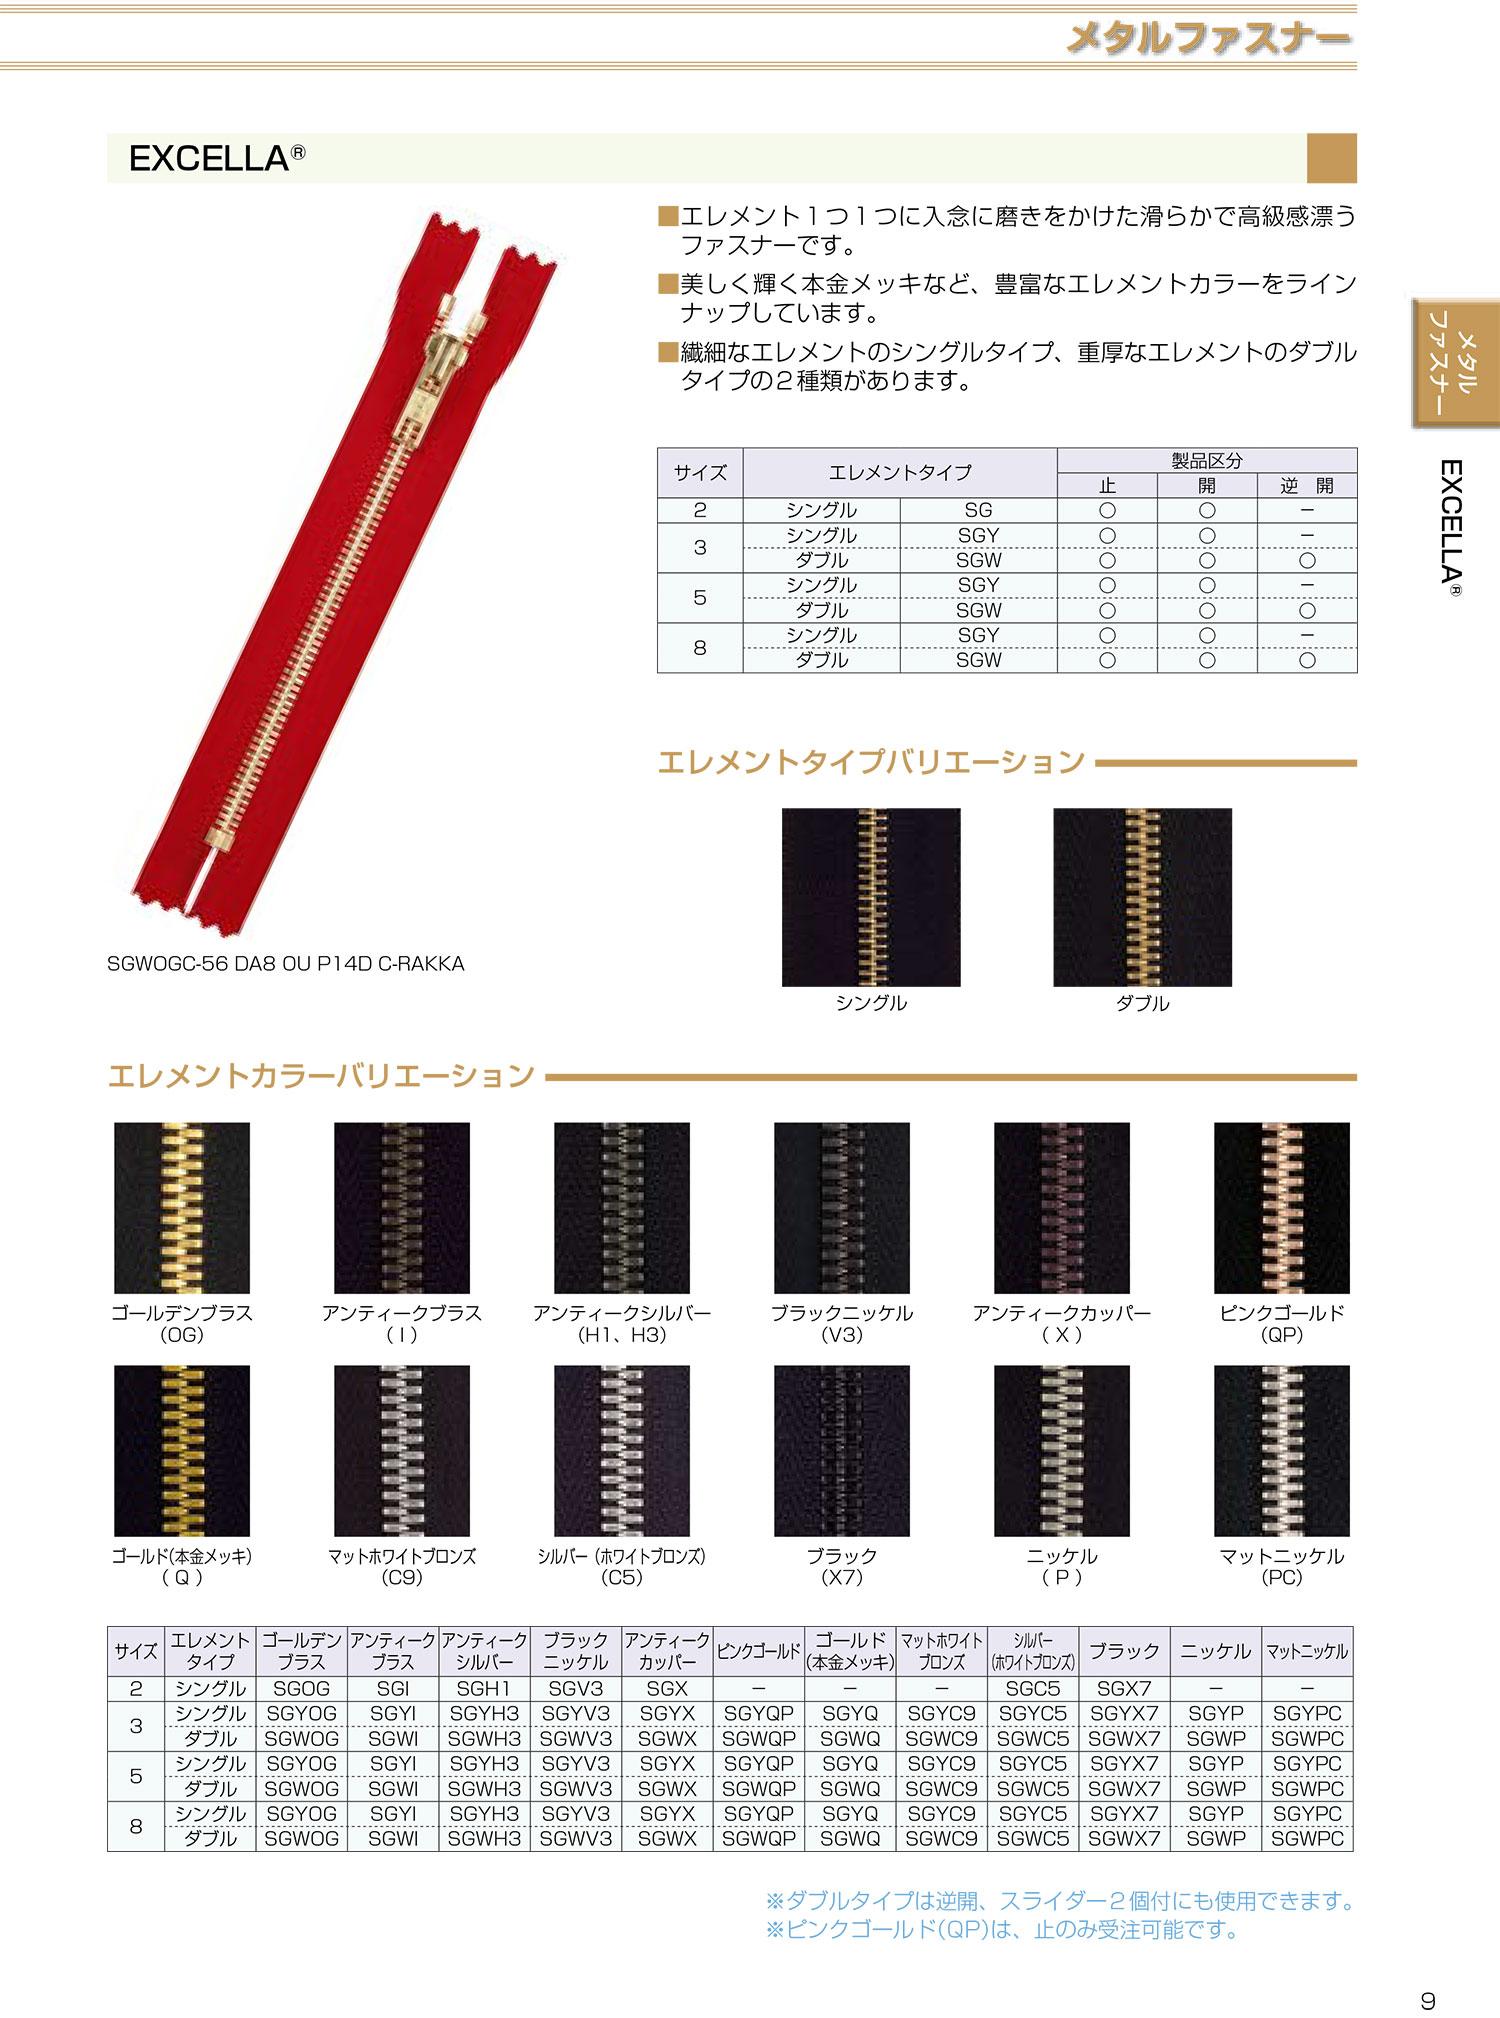 5SGYV3C エクセラ 5サイズ ブラックニッケル 止め シングル[ファスナー] YKK/オークラ商事 - ApparelX アパレル資材卸通販